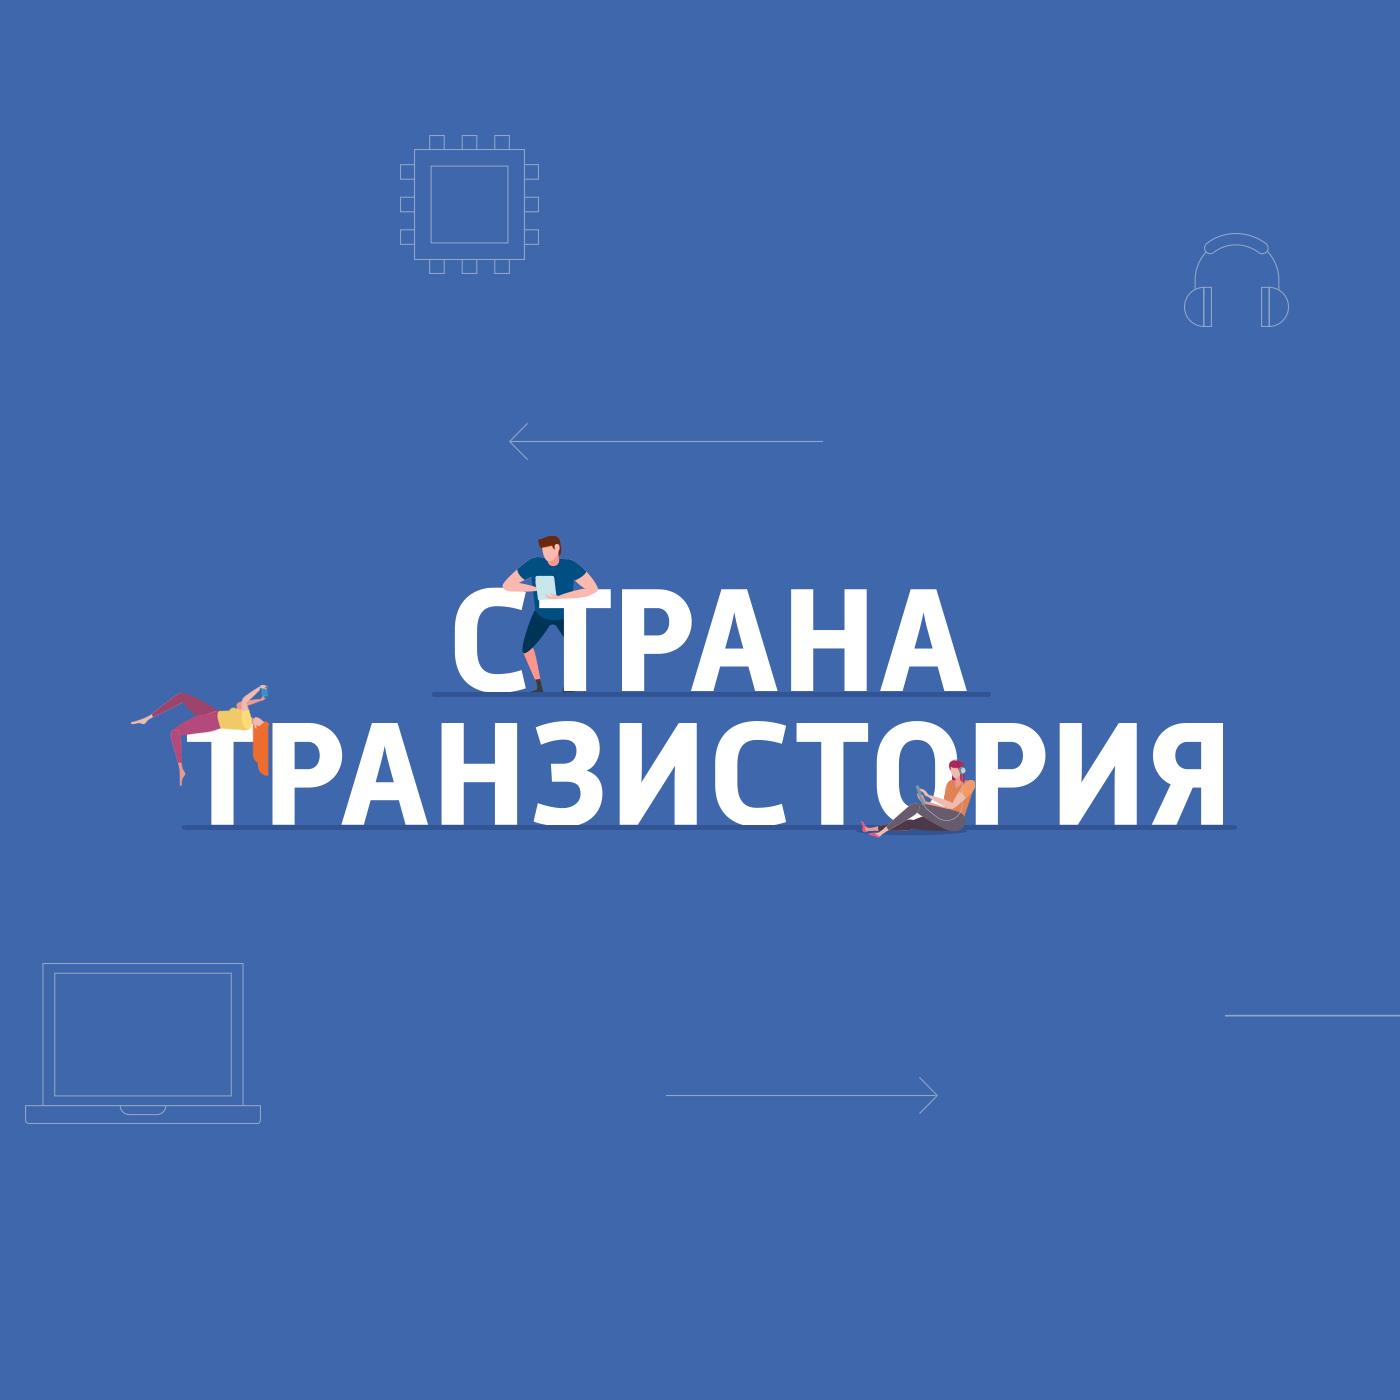 Картаев Павел Какую выбрать видеокарту, чтобы игры шли на максимальных настройках? компьютер